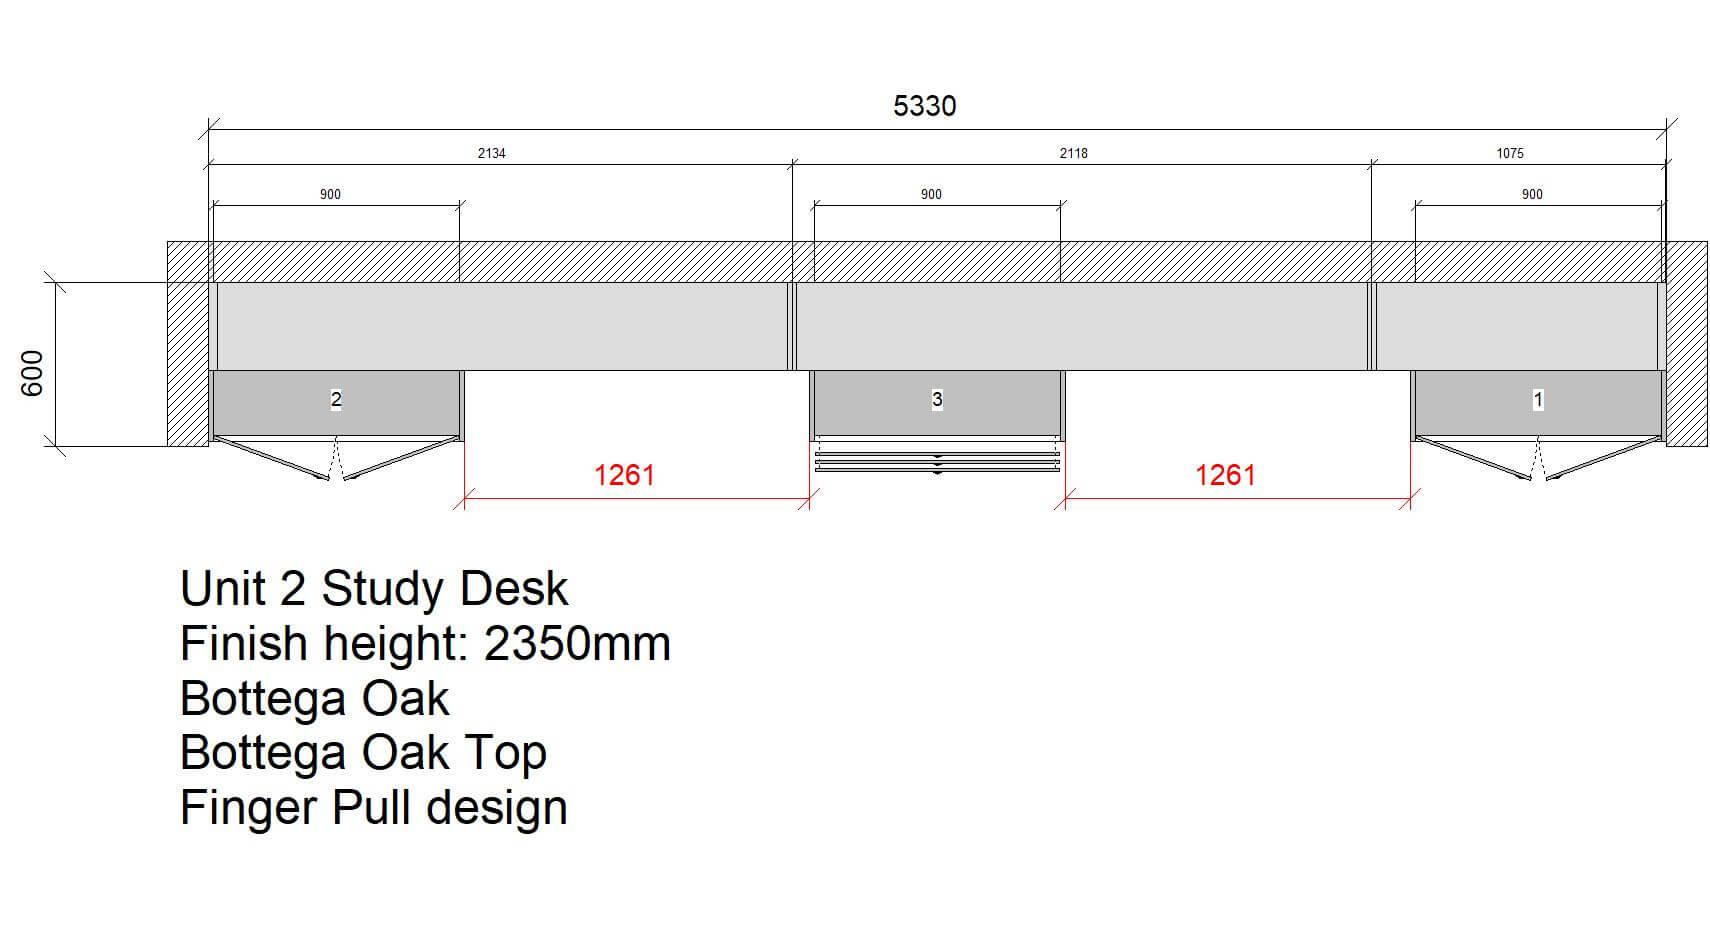 U2 Study Desk Floor Plan Design From Laptop